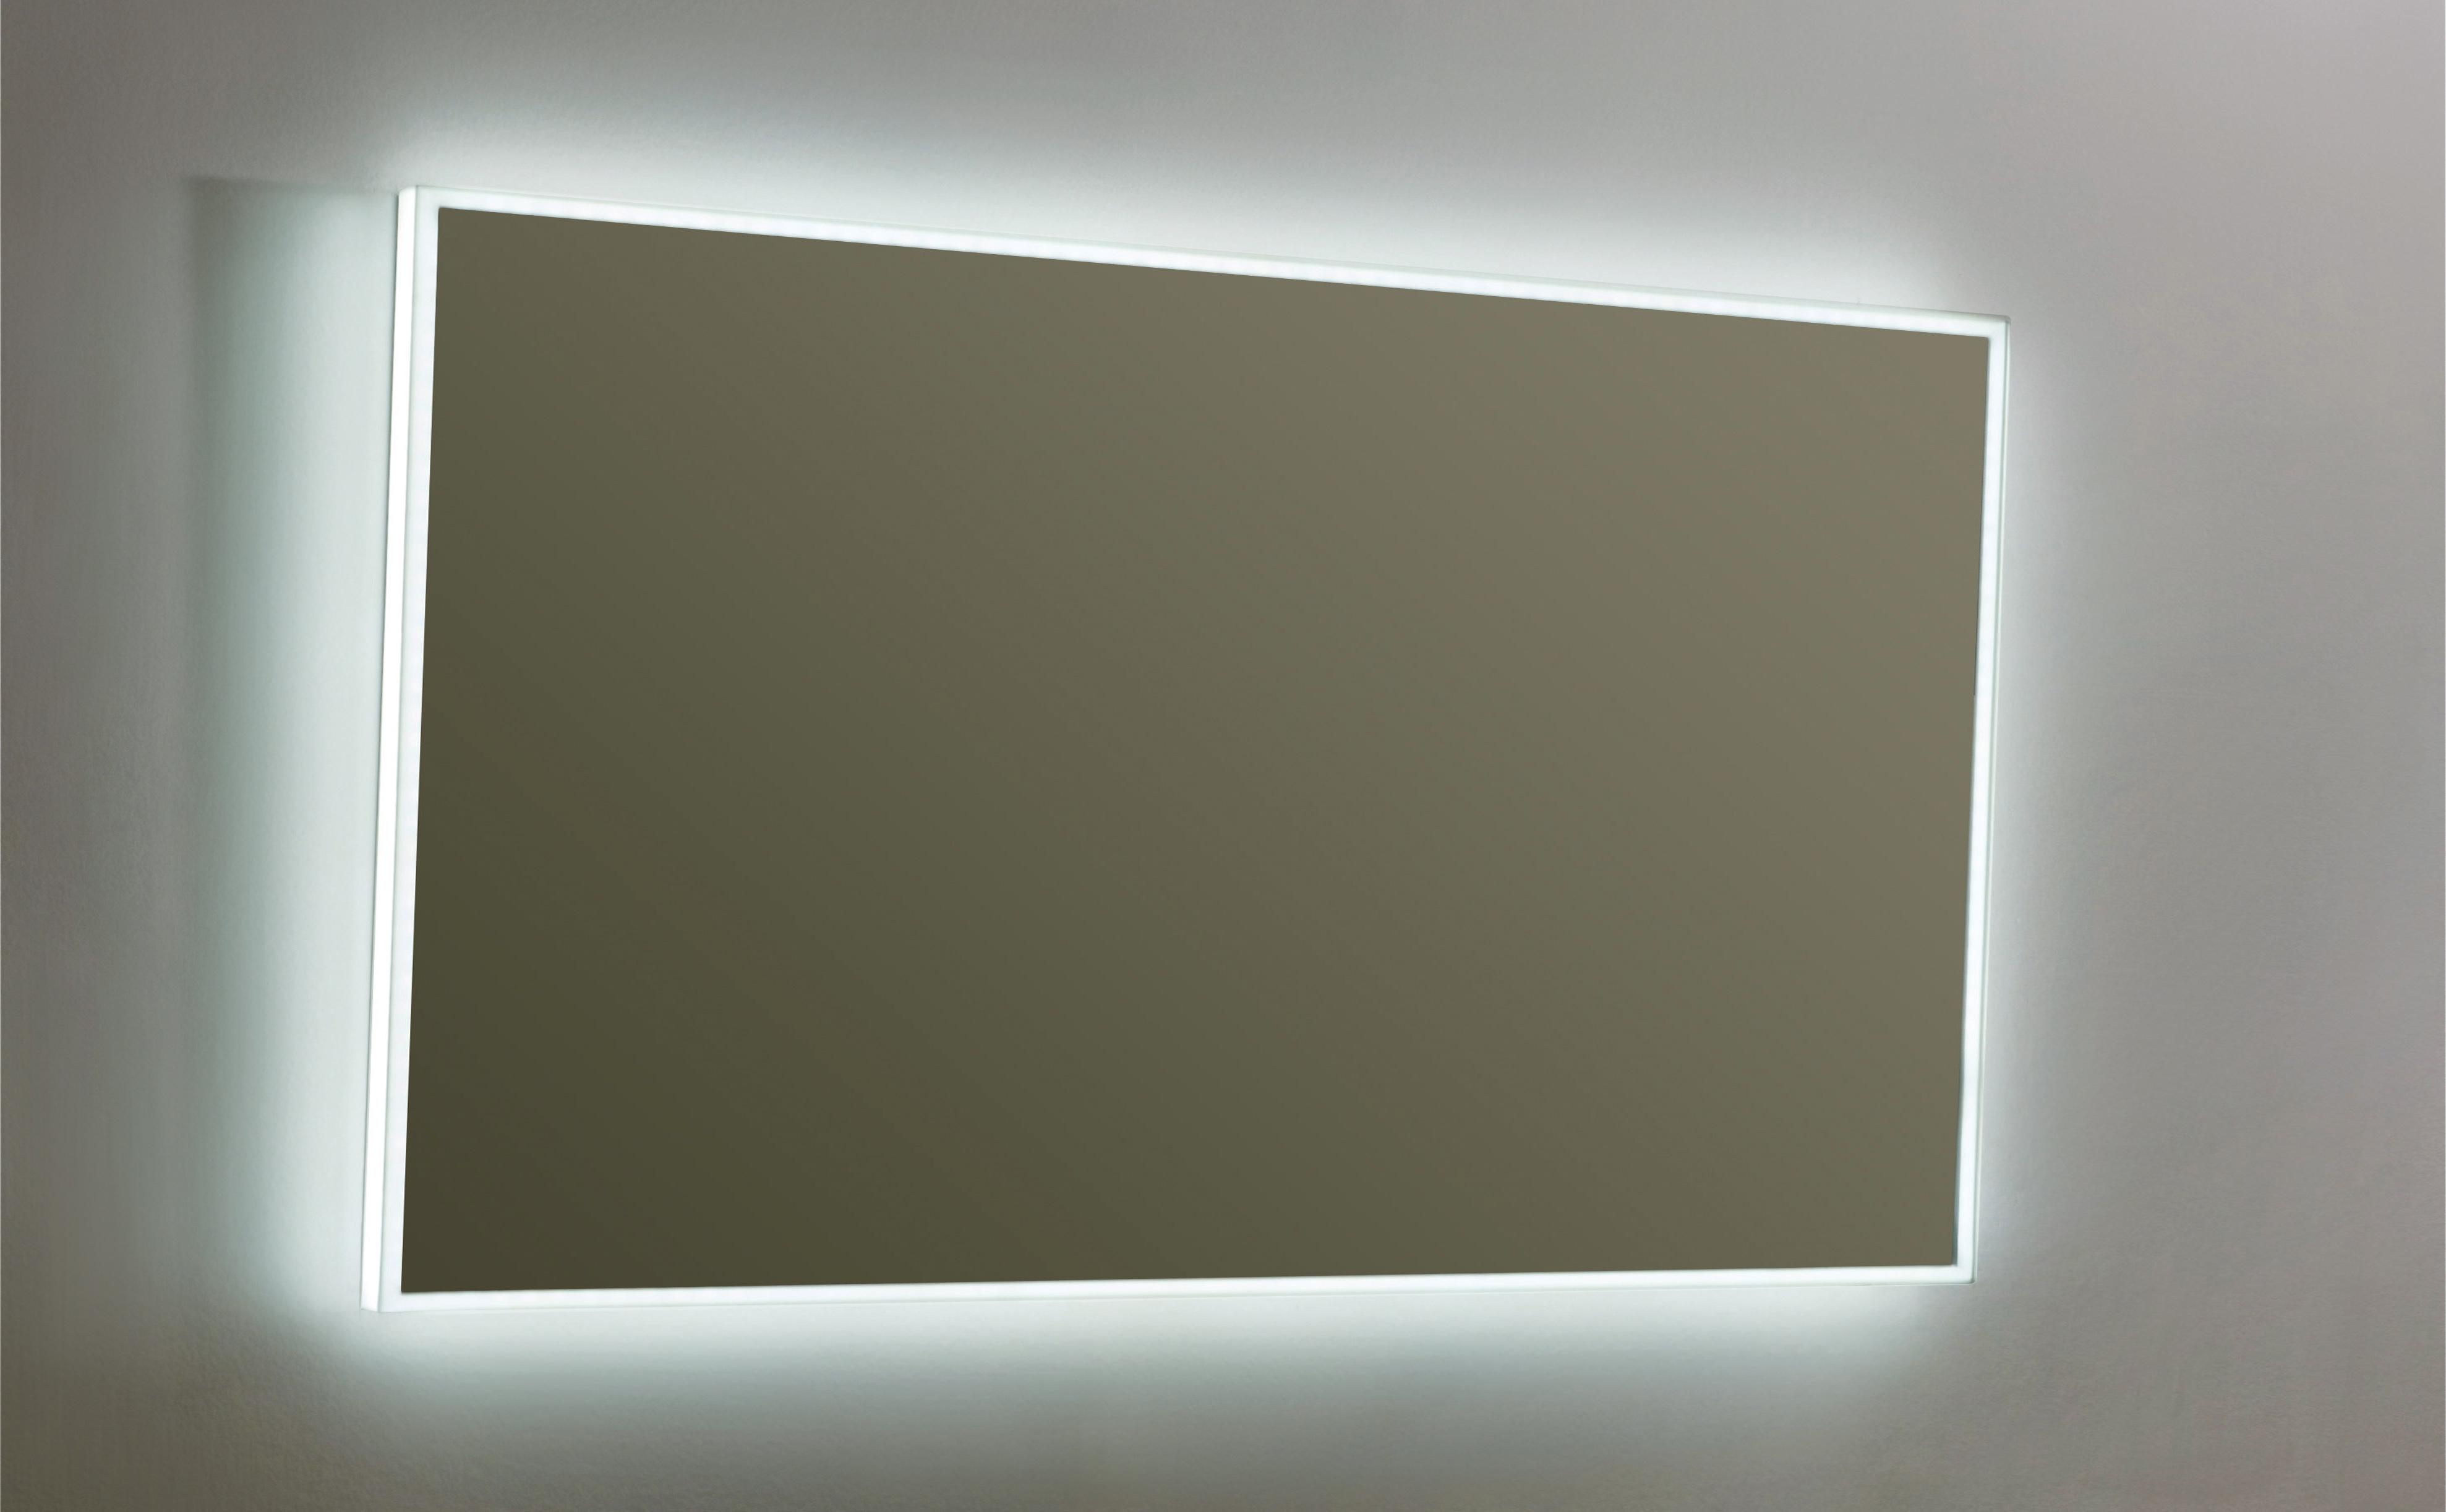 Nieuw Badkamer spiegel Infinity LED verlichting kopen? - Douchecabine.be AX-17